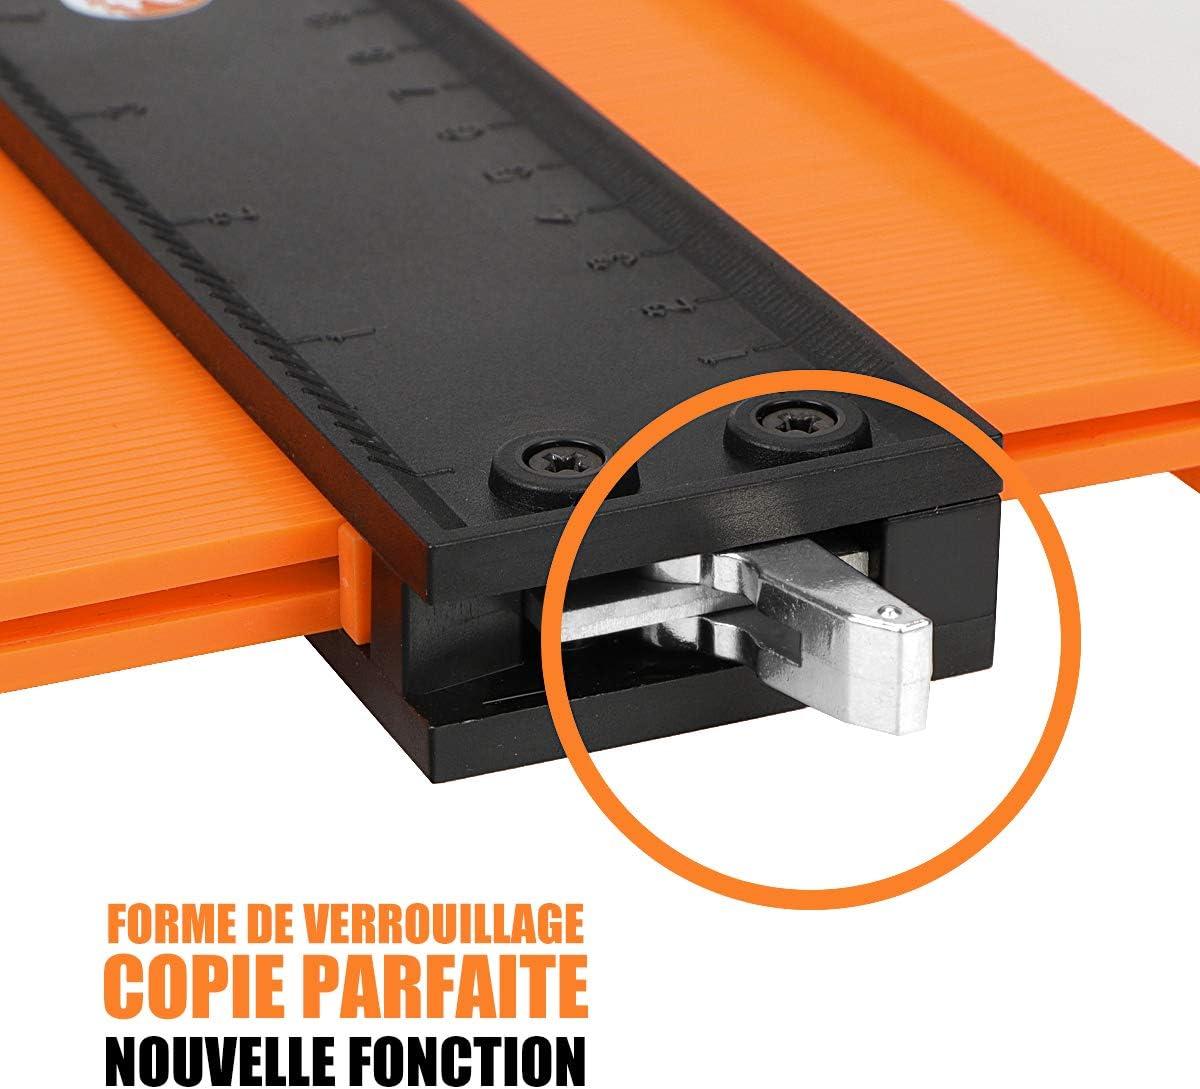 creuse en plastique forme Duplicateur Profile Gauge Contour Gauge avec serrure 10 pouces